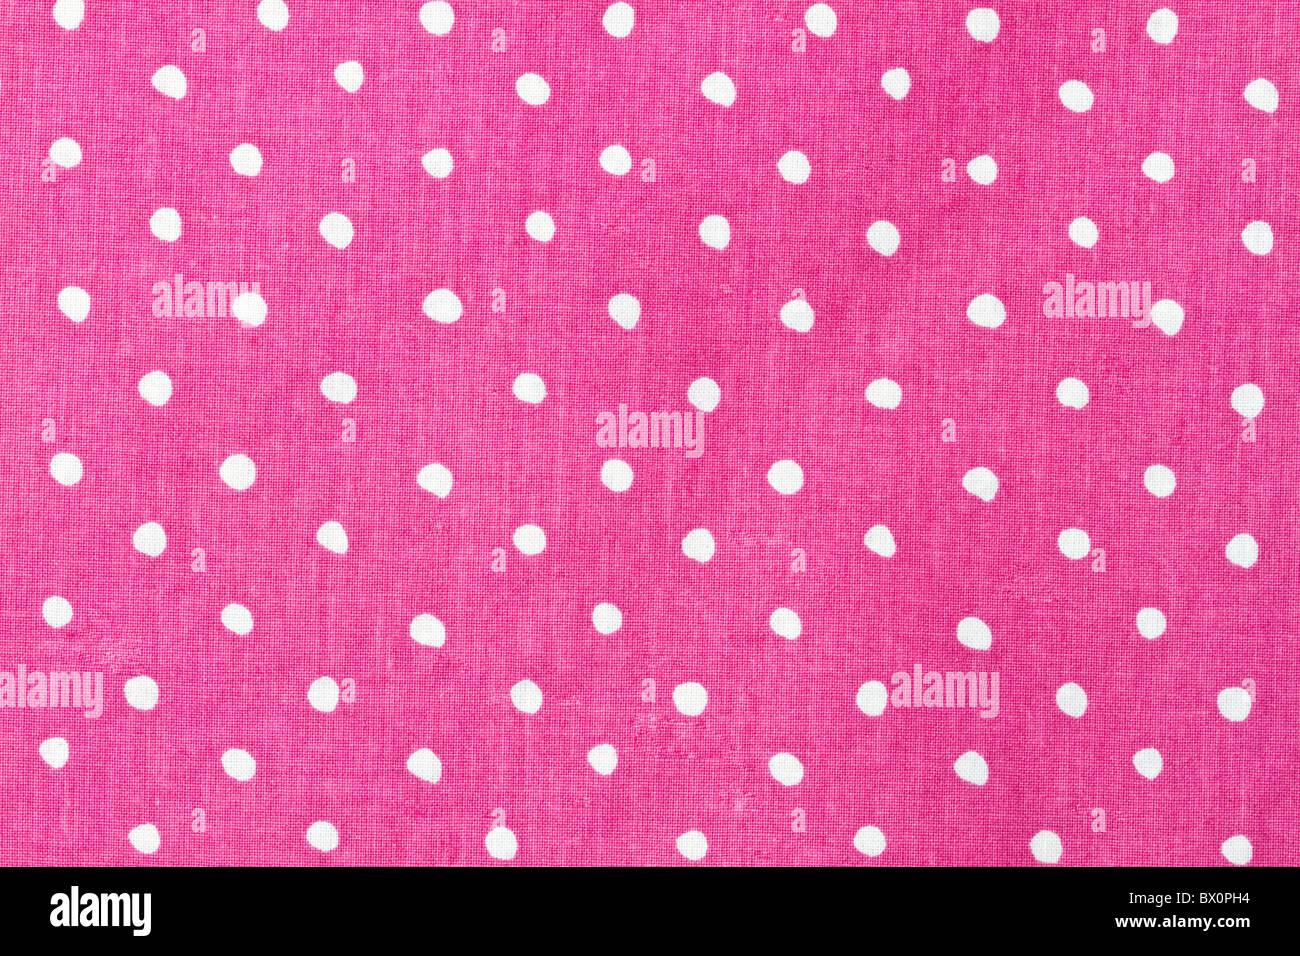 Rosa E Puntini Bianchi Sullo Sfondo Di Tessuto Foto Immagine Stock